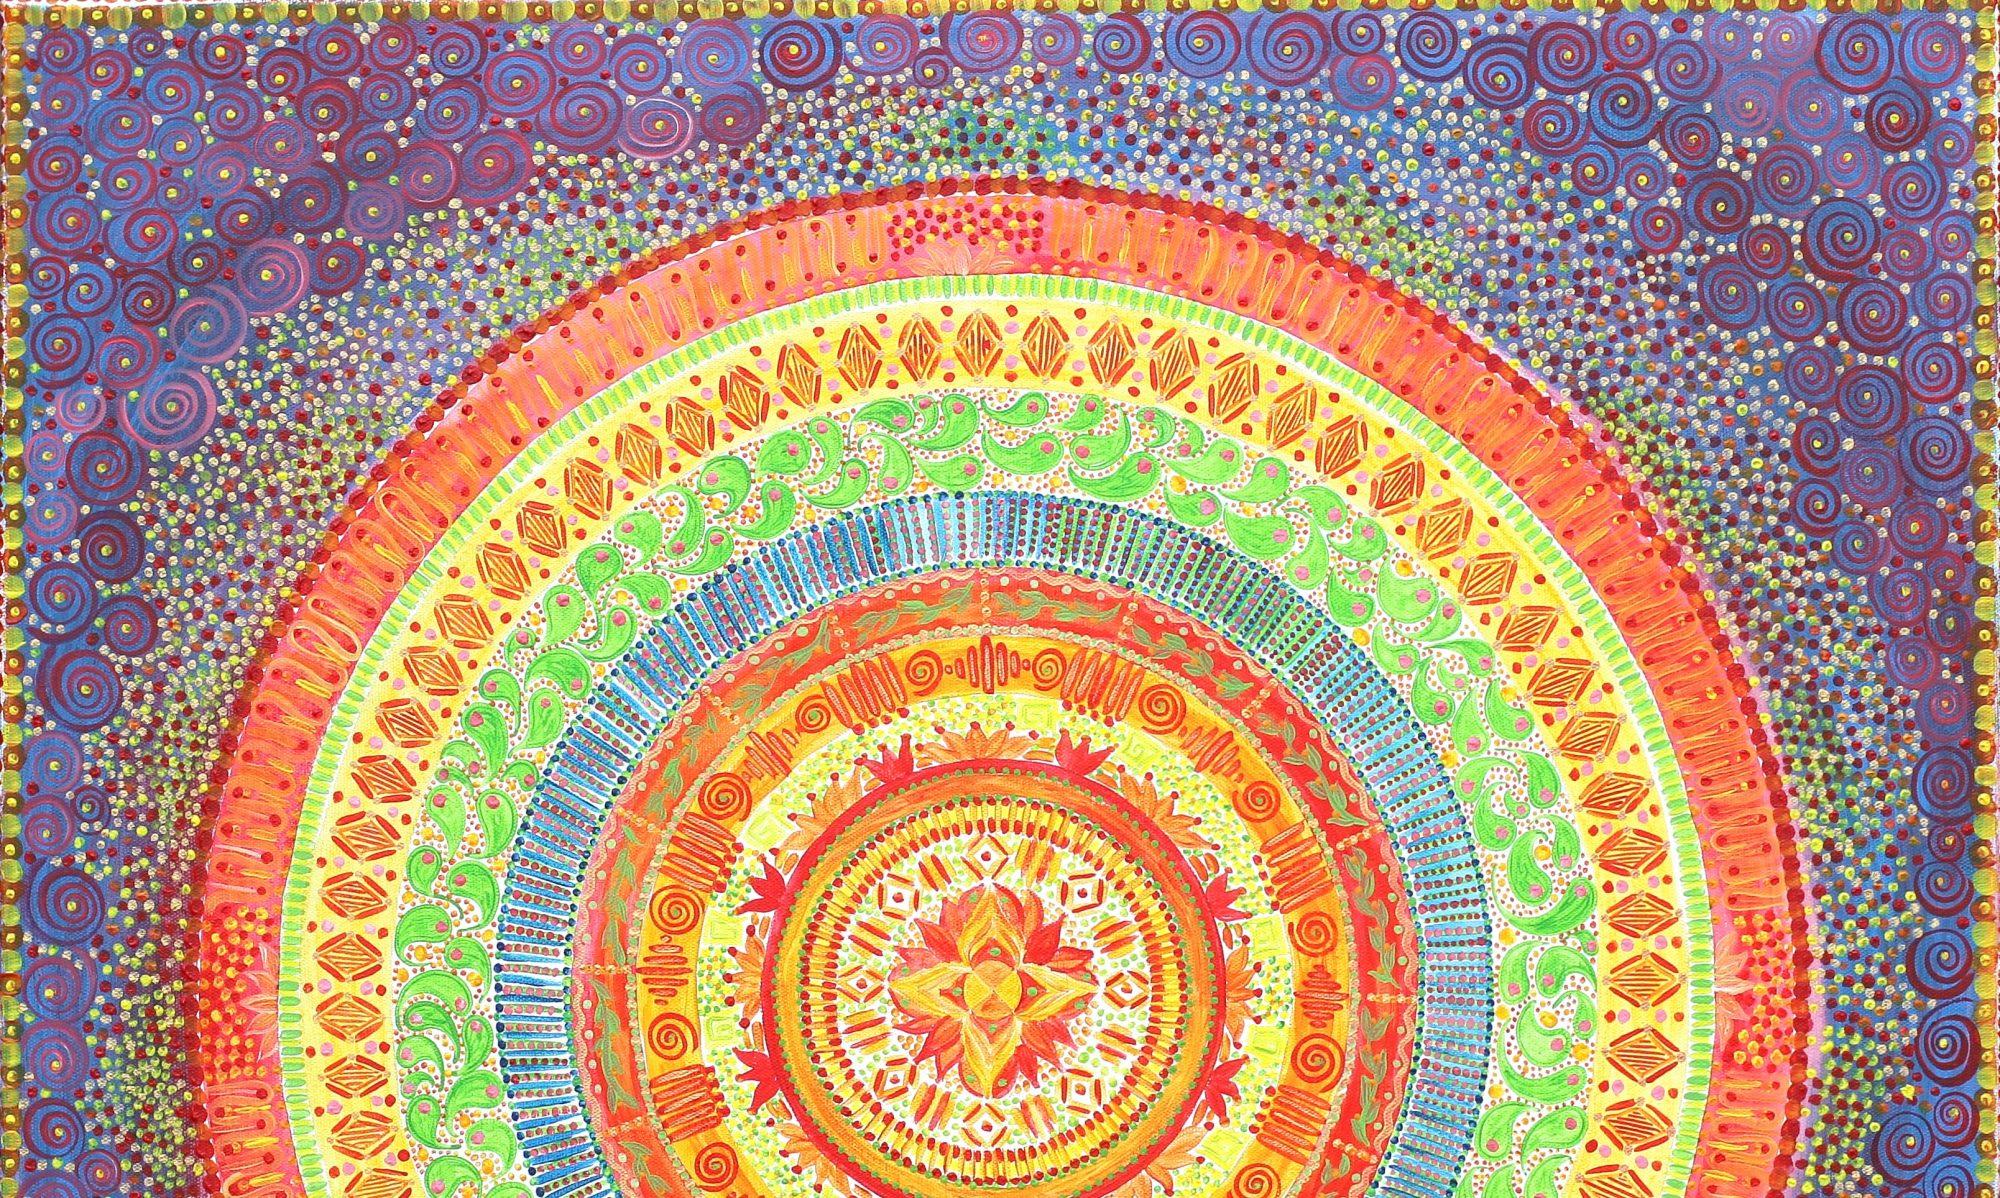 Die Mandalawerkstatt